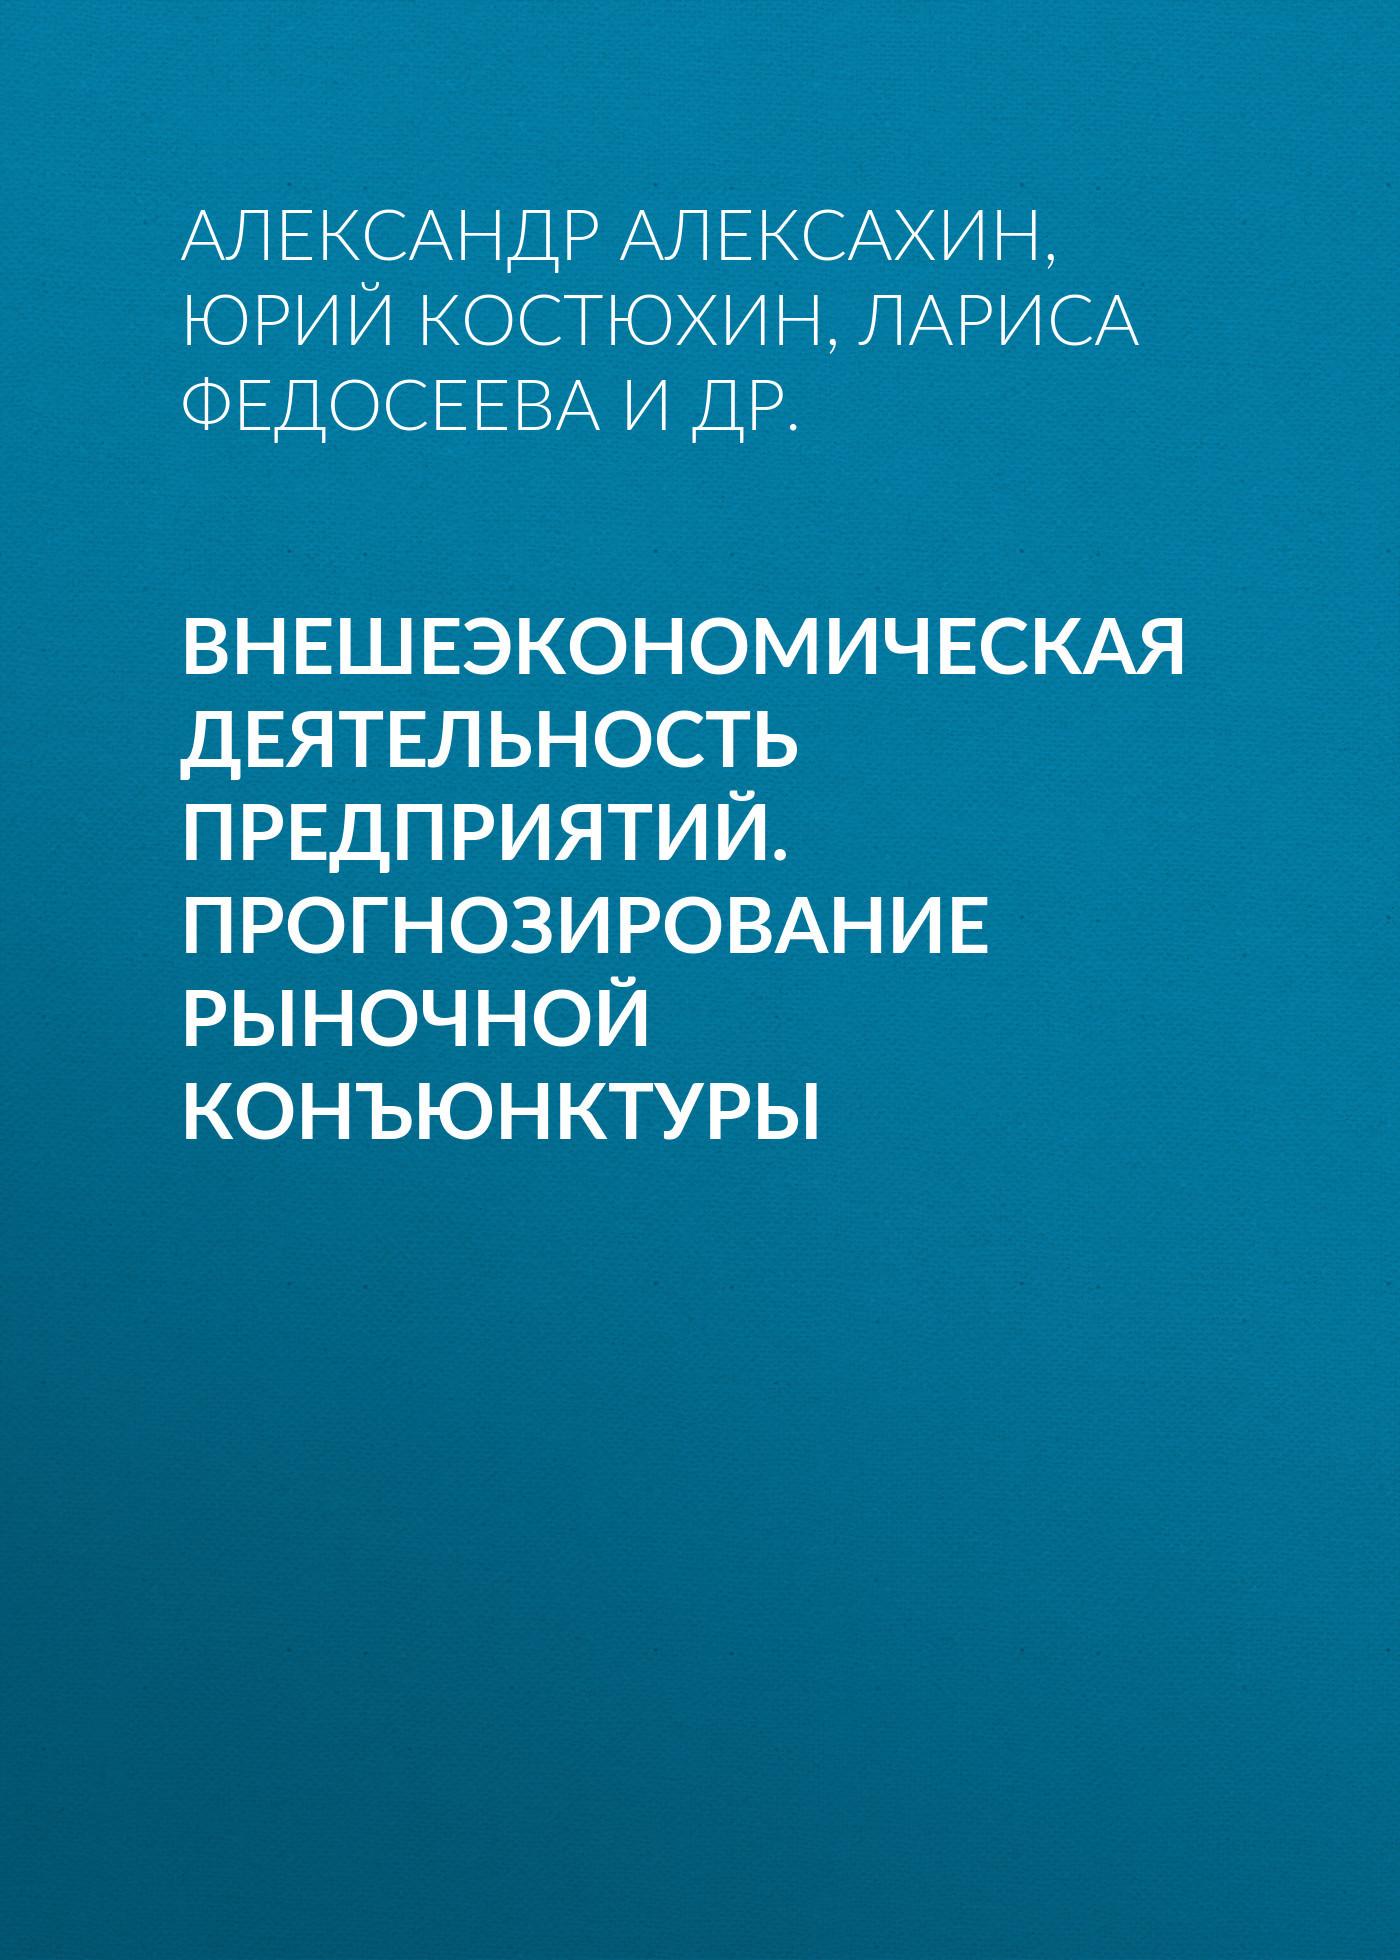 Юрий Костюхин Внешеэкономическая деятельность предприятий. Прогнозирование рыночной конъюнктуры